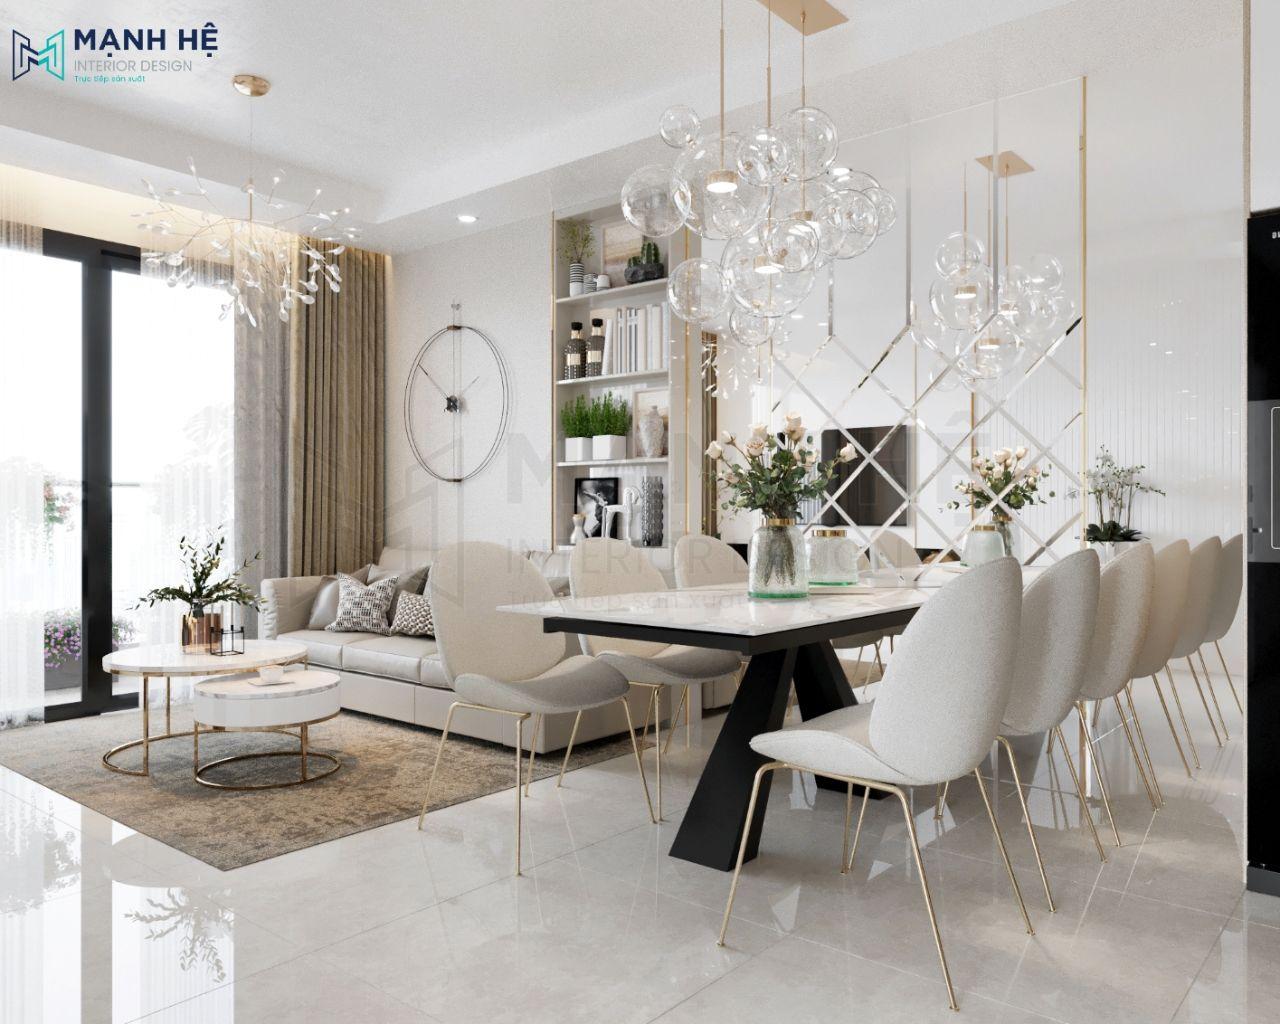 Ốp gương lớn cạnh bàn ăn cho phòng khách liền bếp